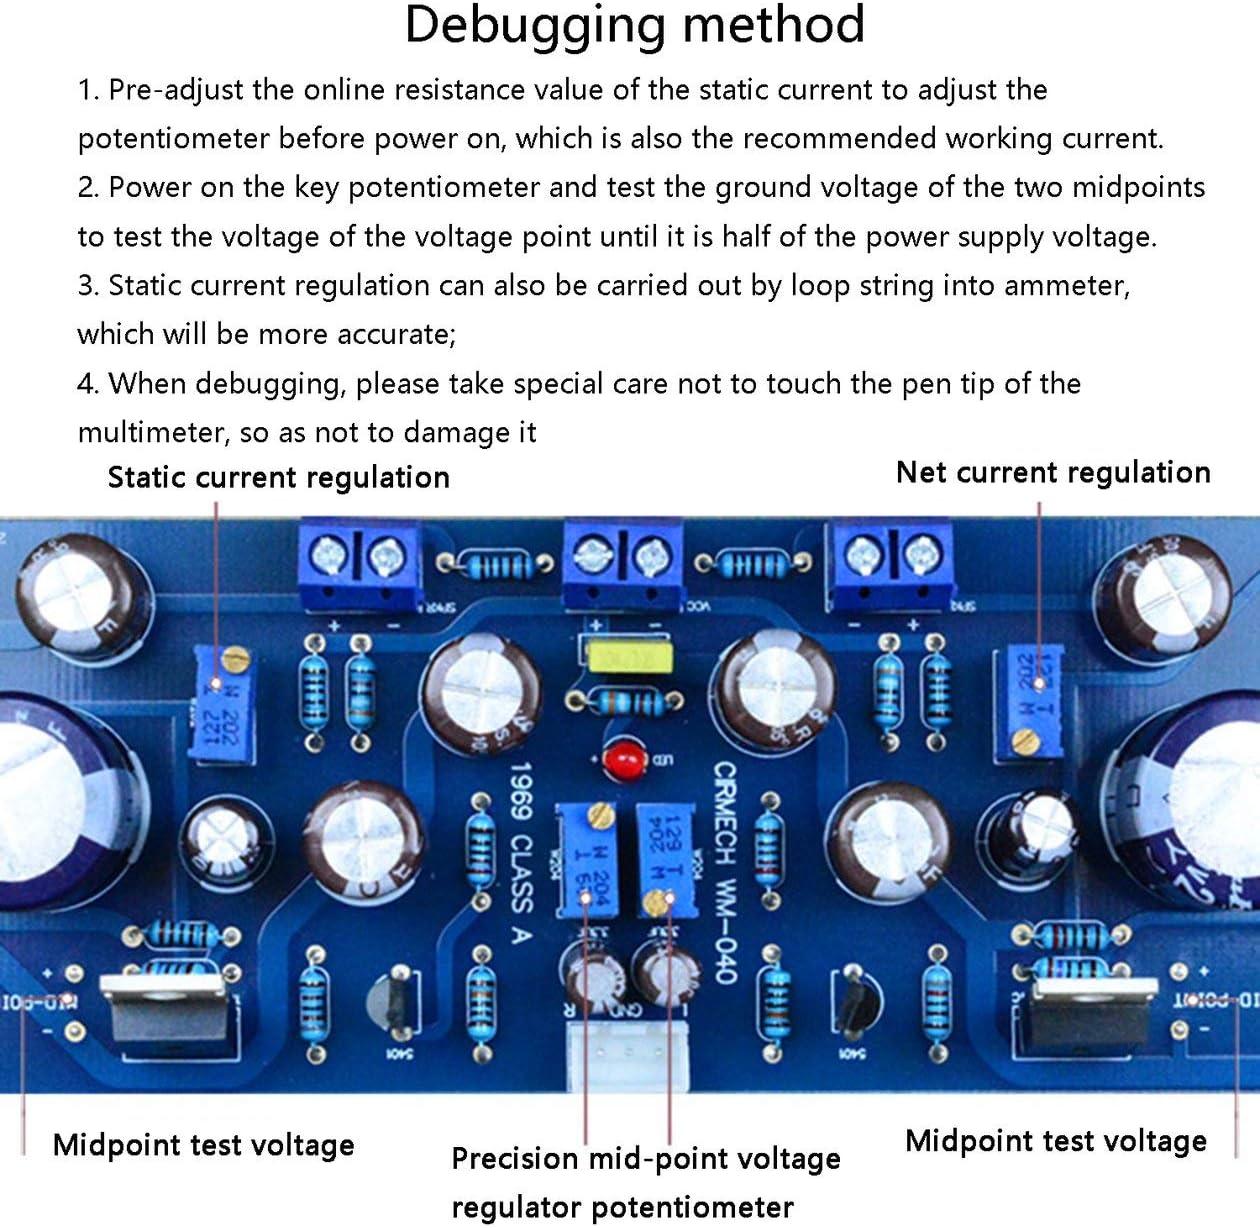 Hood 1969 NPN 2.0 Channel Class A Amplifier Board and Heatsinks Module 50W DIY Kit Finished Product Blue